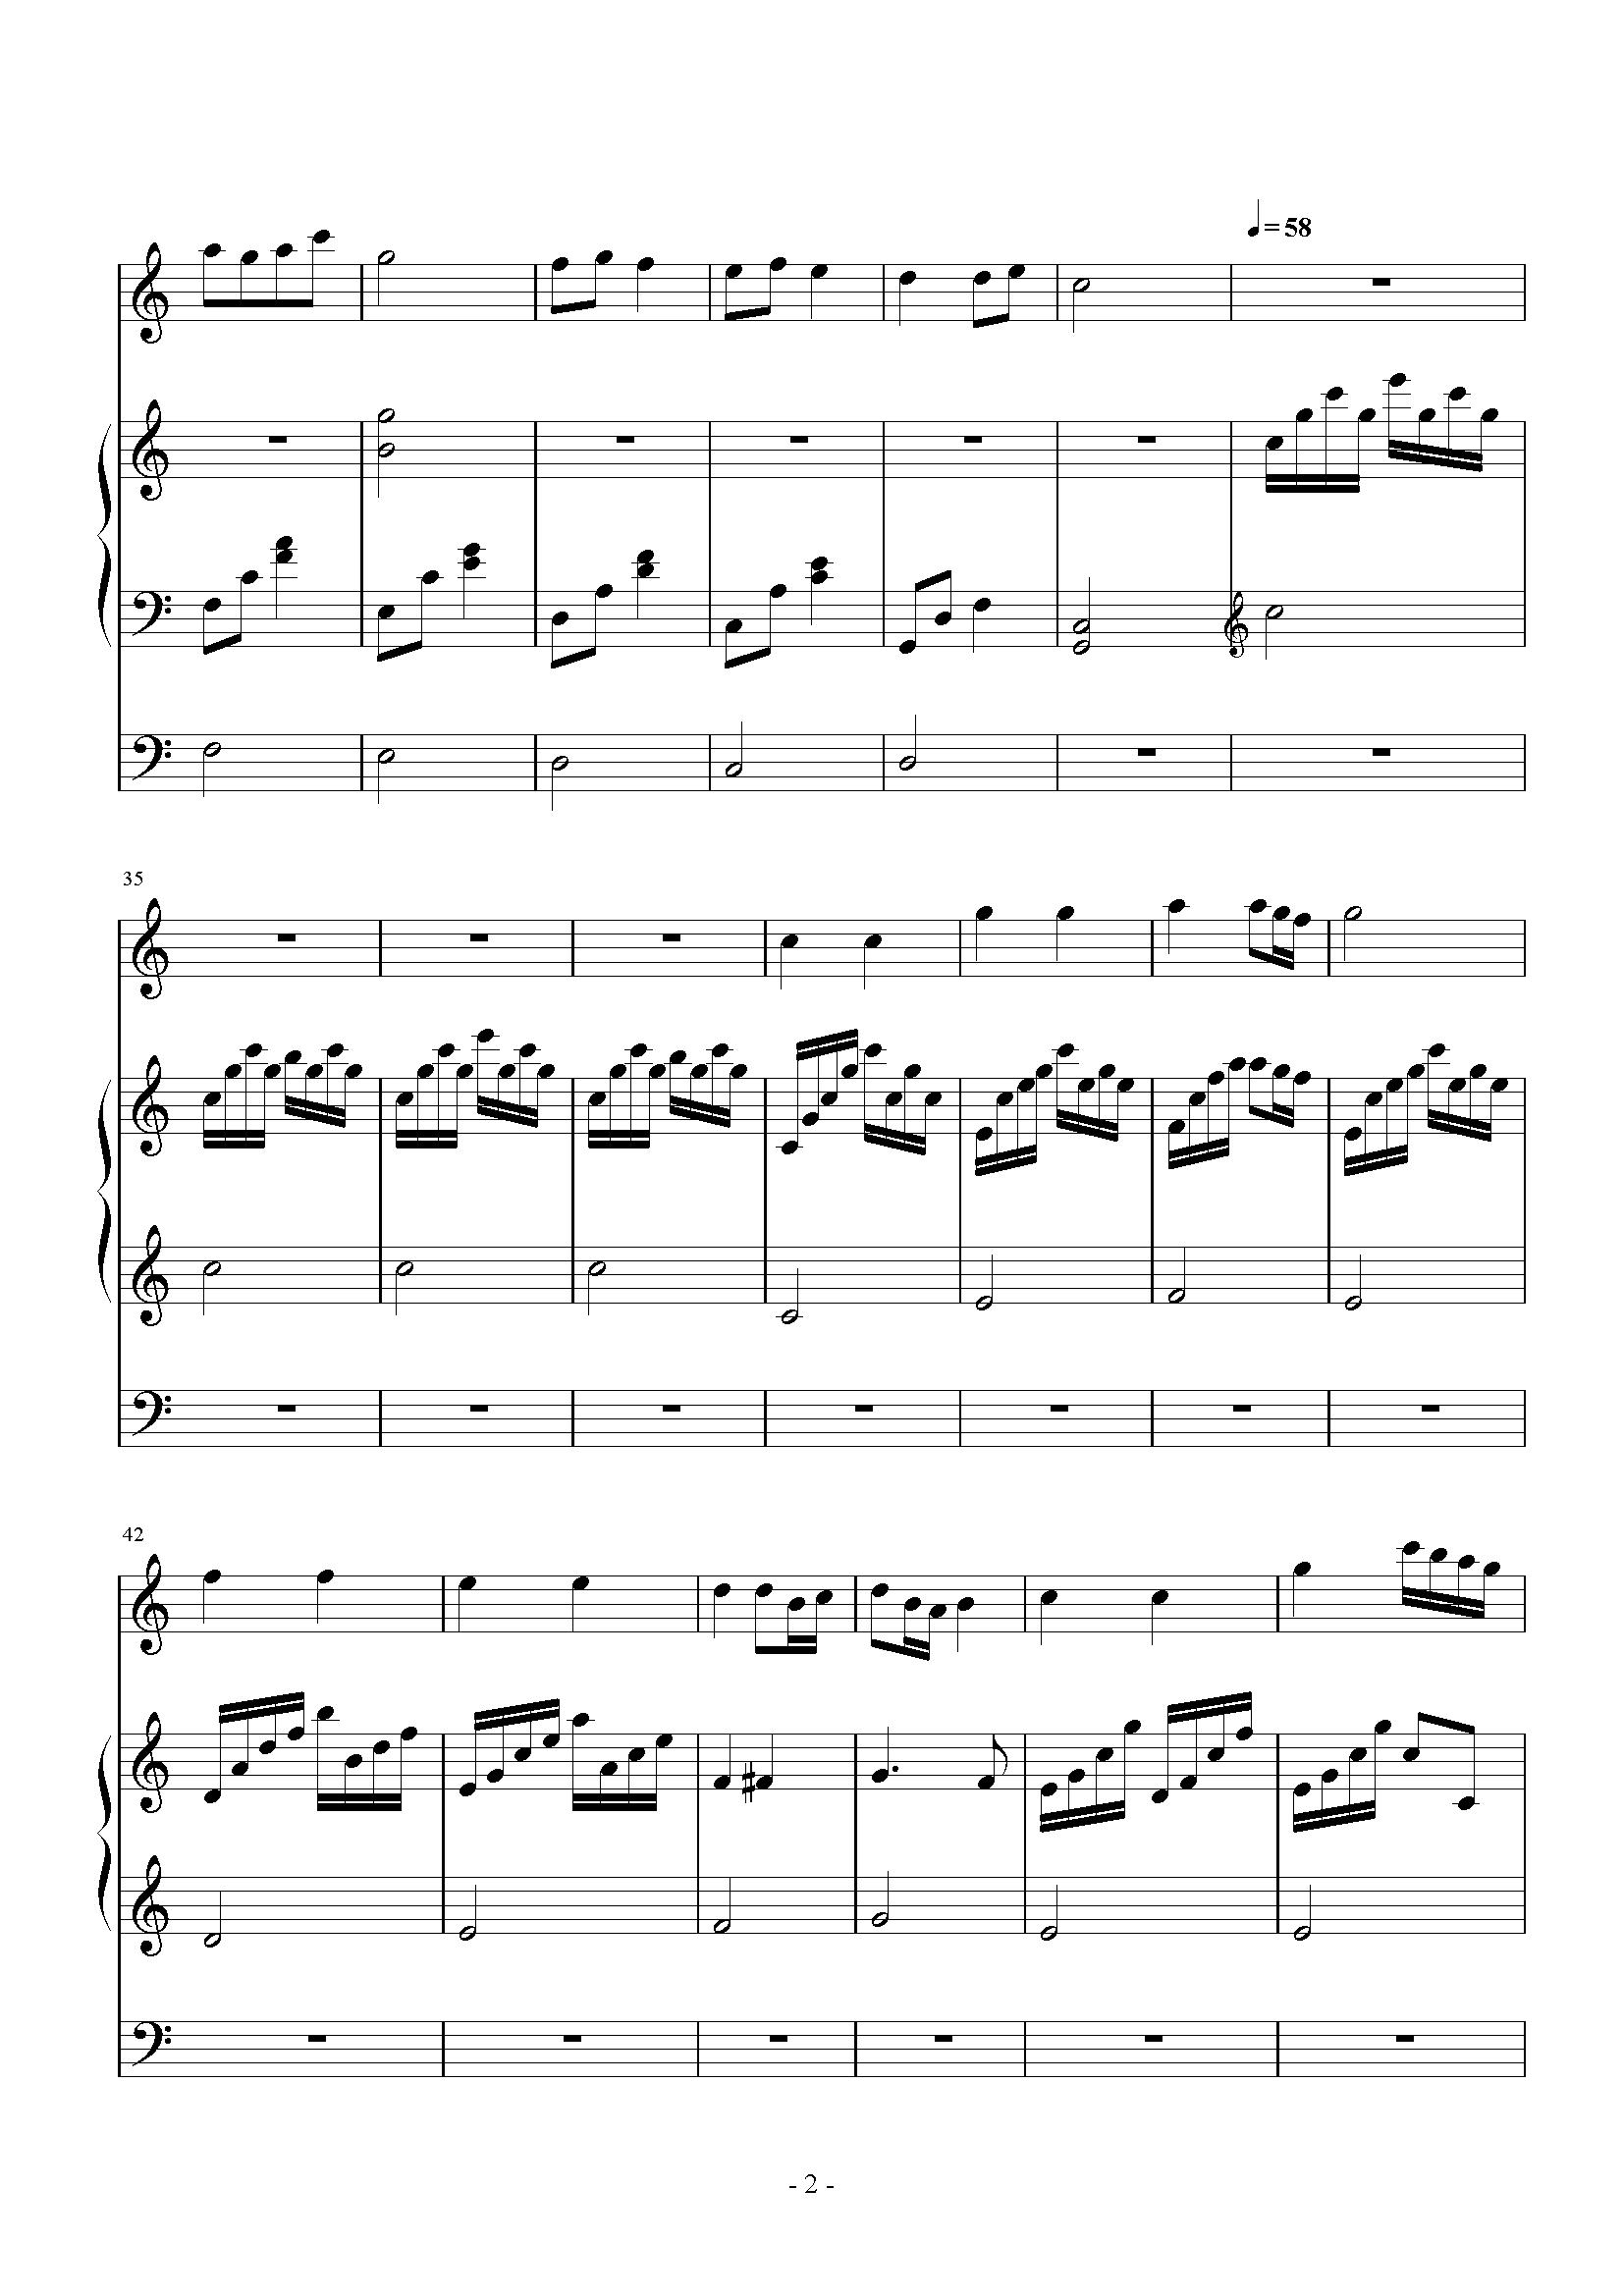 小星星(小提琴三声部版)钢琴谱-莫扎特-虫虫钢琴谱